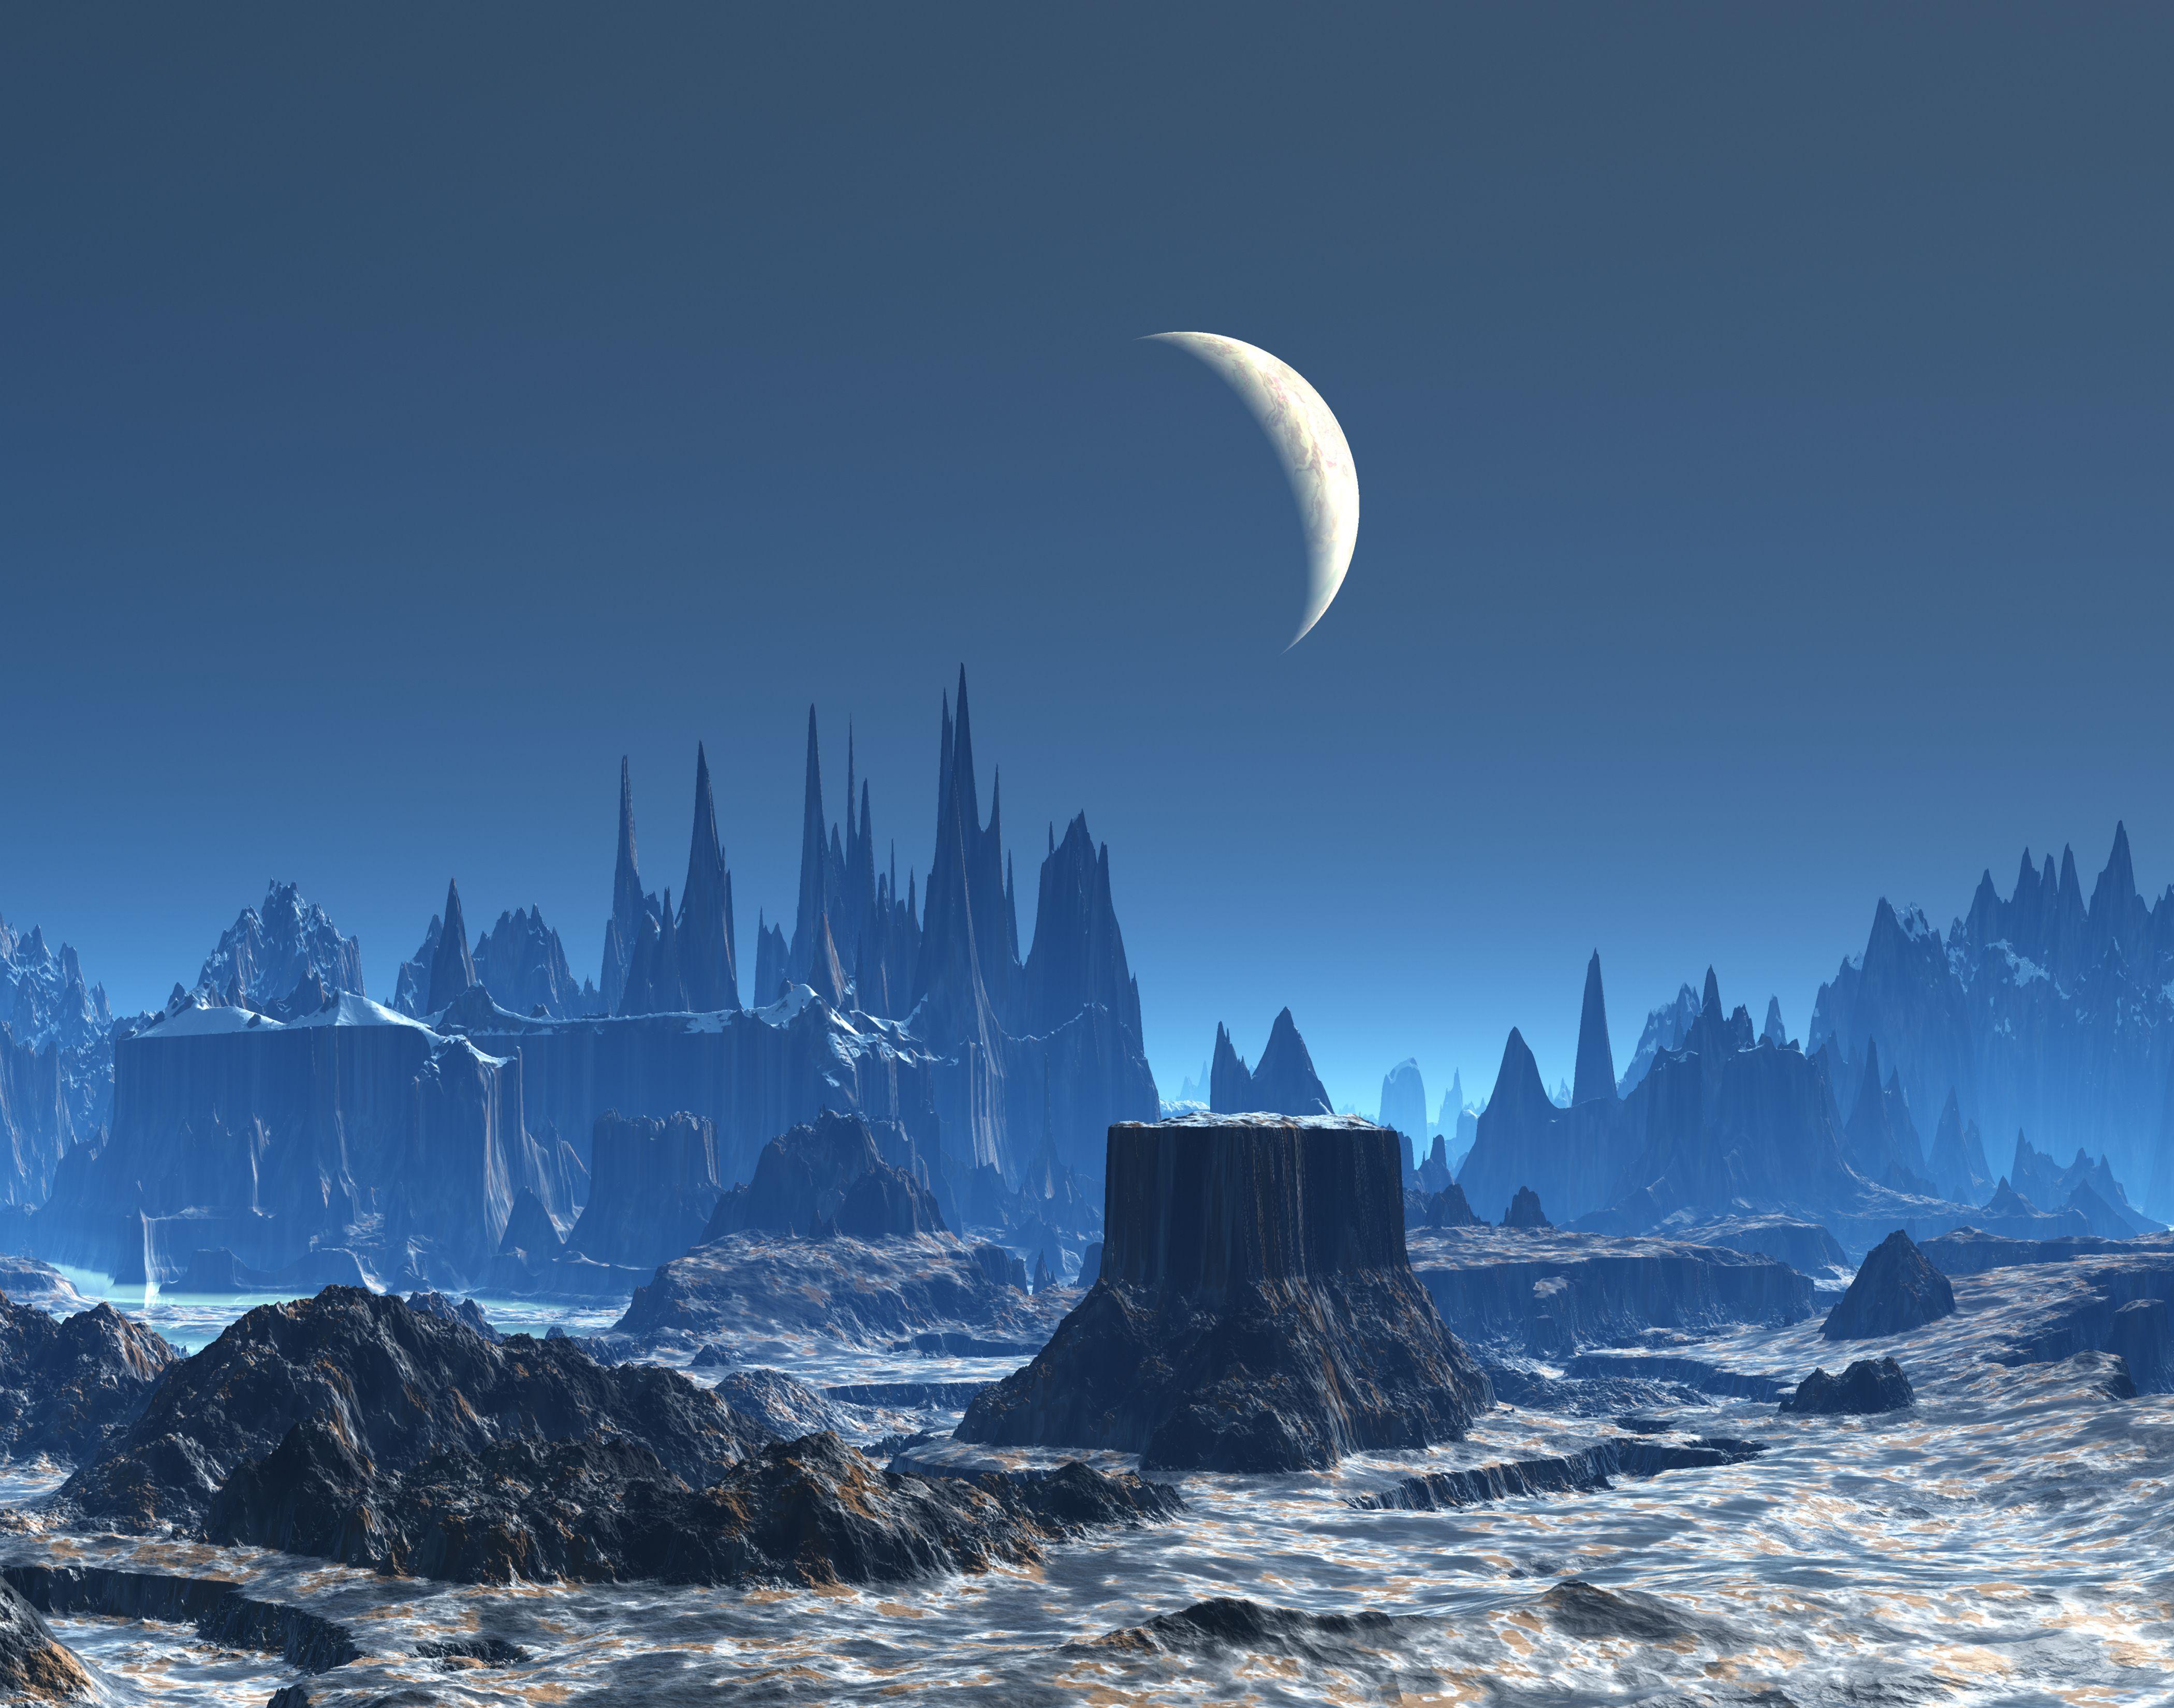 planet alien landscape | Alien Planet 11061 Hd Wallpapers ...